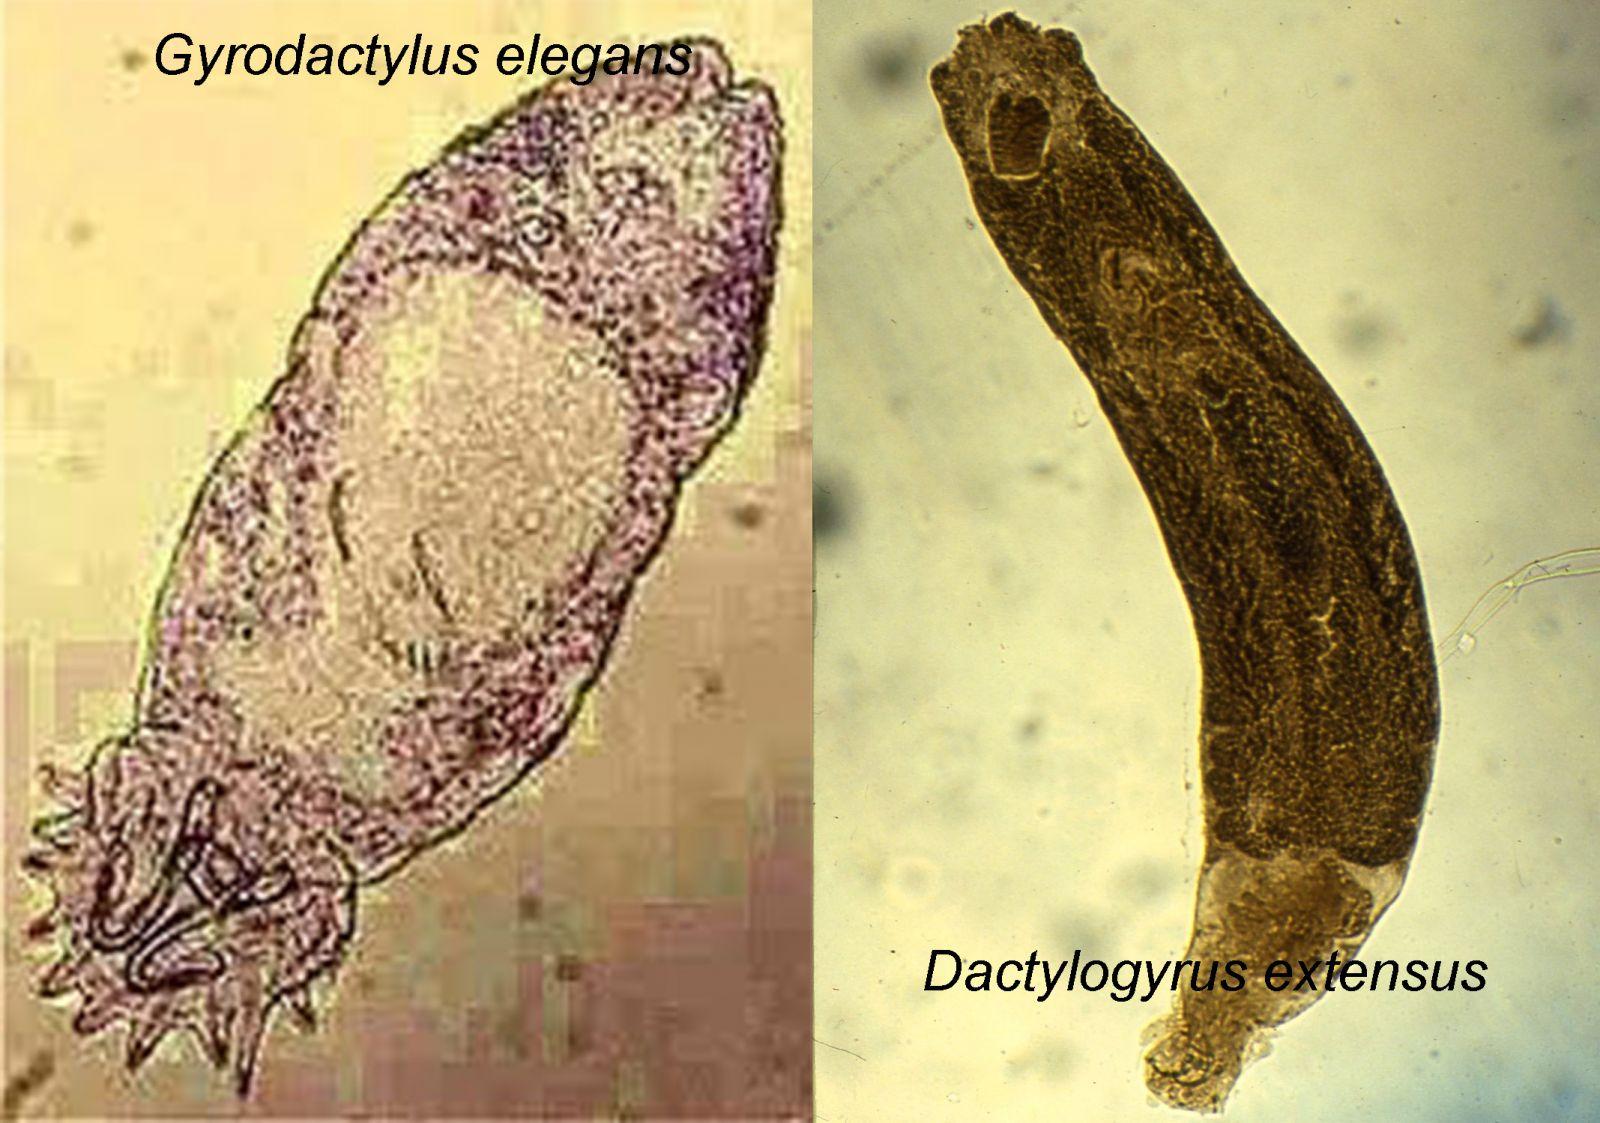 Gyrodactyluselegans, Dactylogyrus extensus, ký sinh trùng trên cá, sán lá đơn chủ